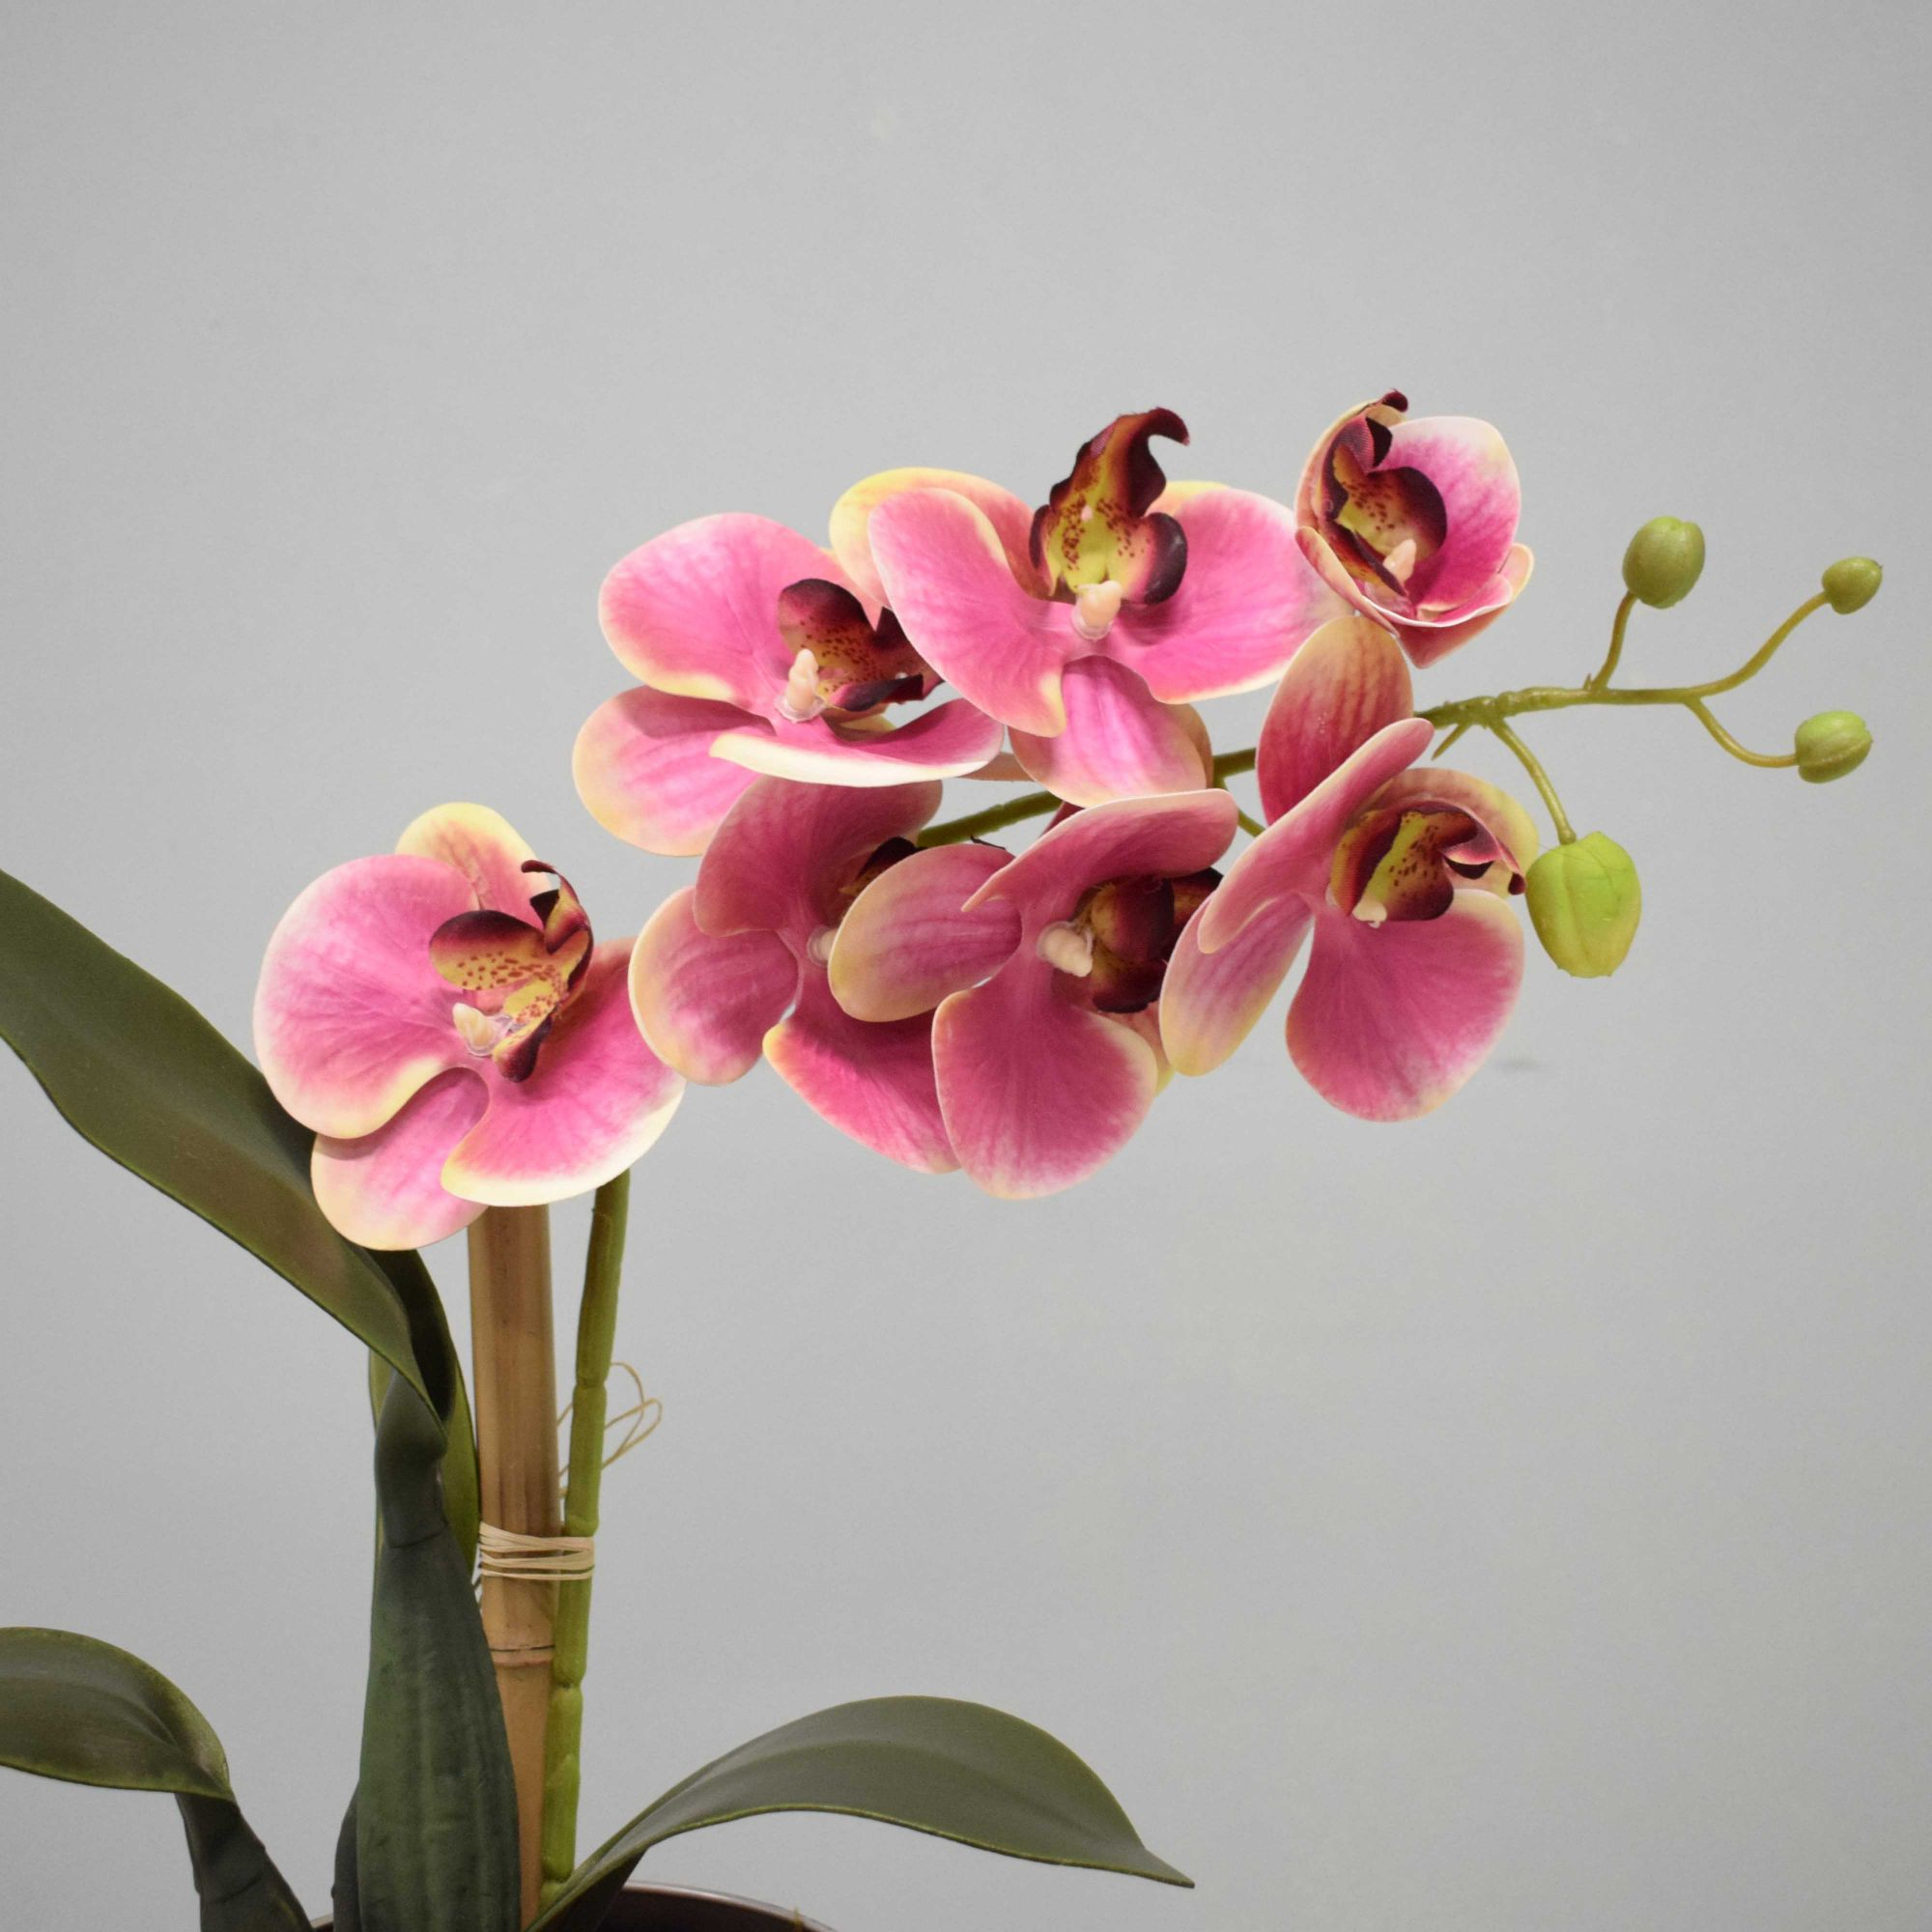 Arranjo de Orquídea Artificial Rosa no Vaso Prateado